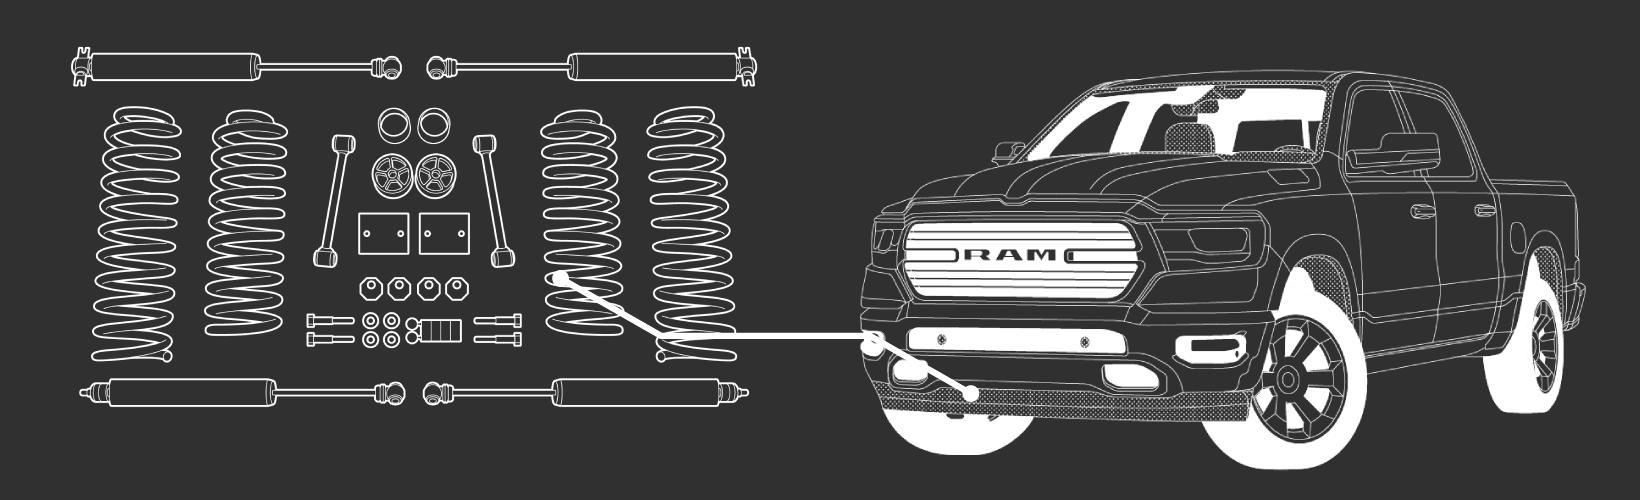 Best Lift Kit for RAM 1500